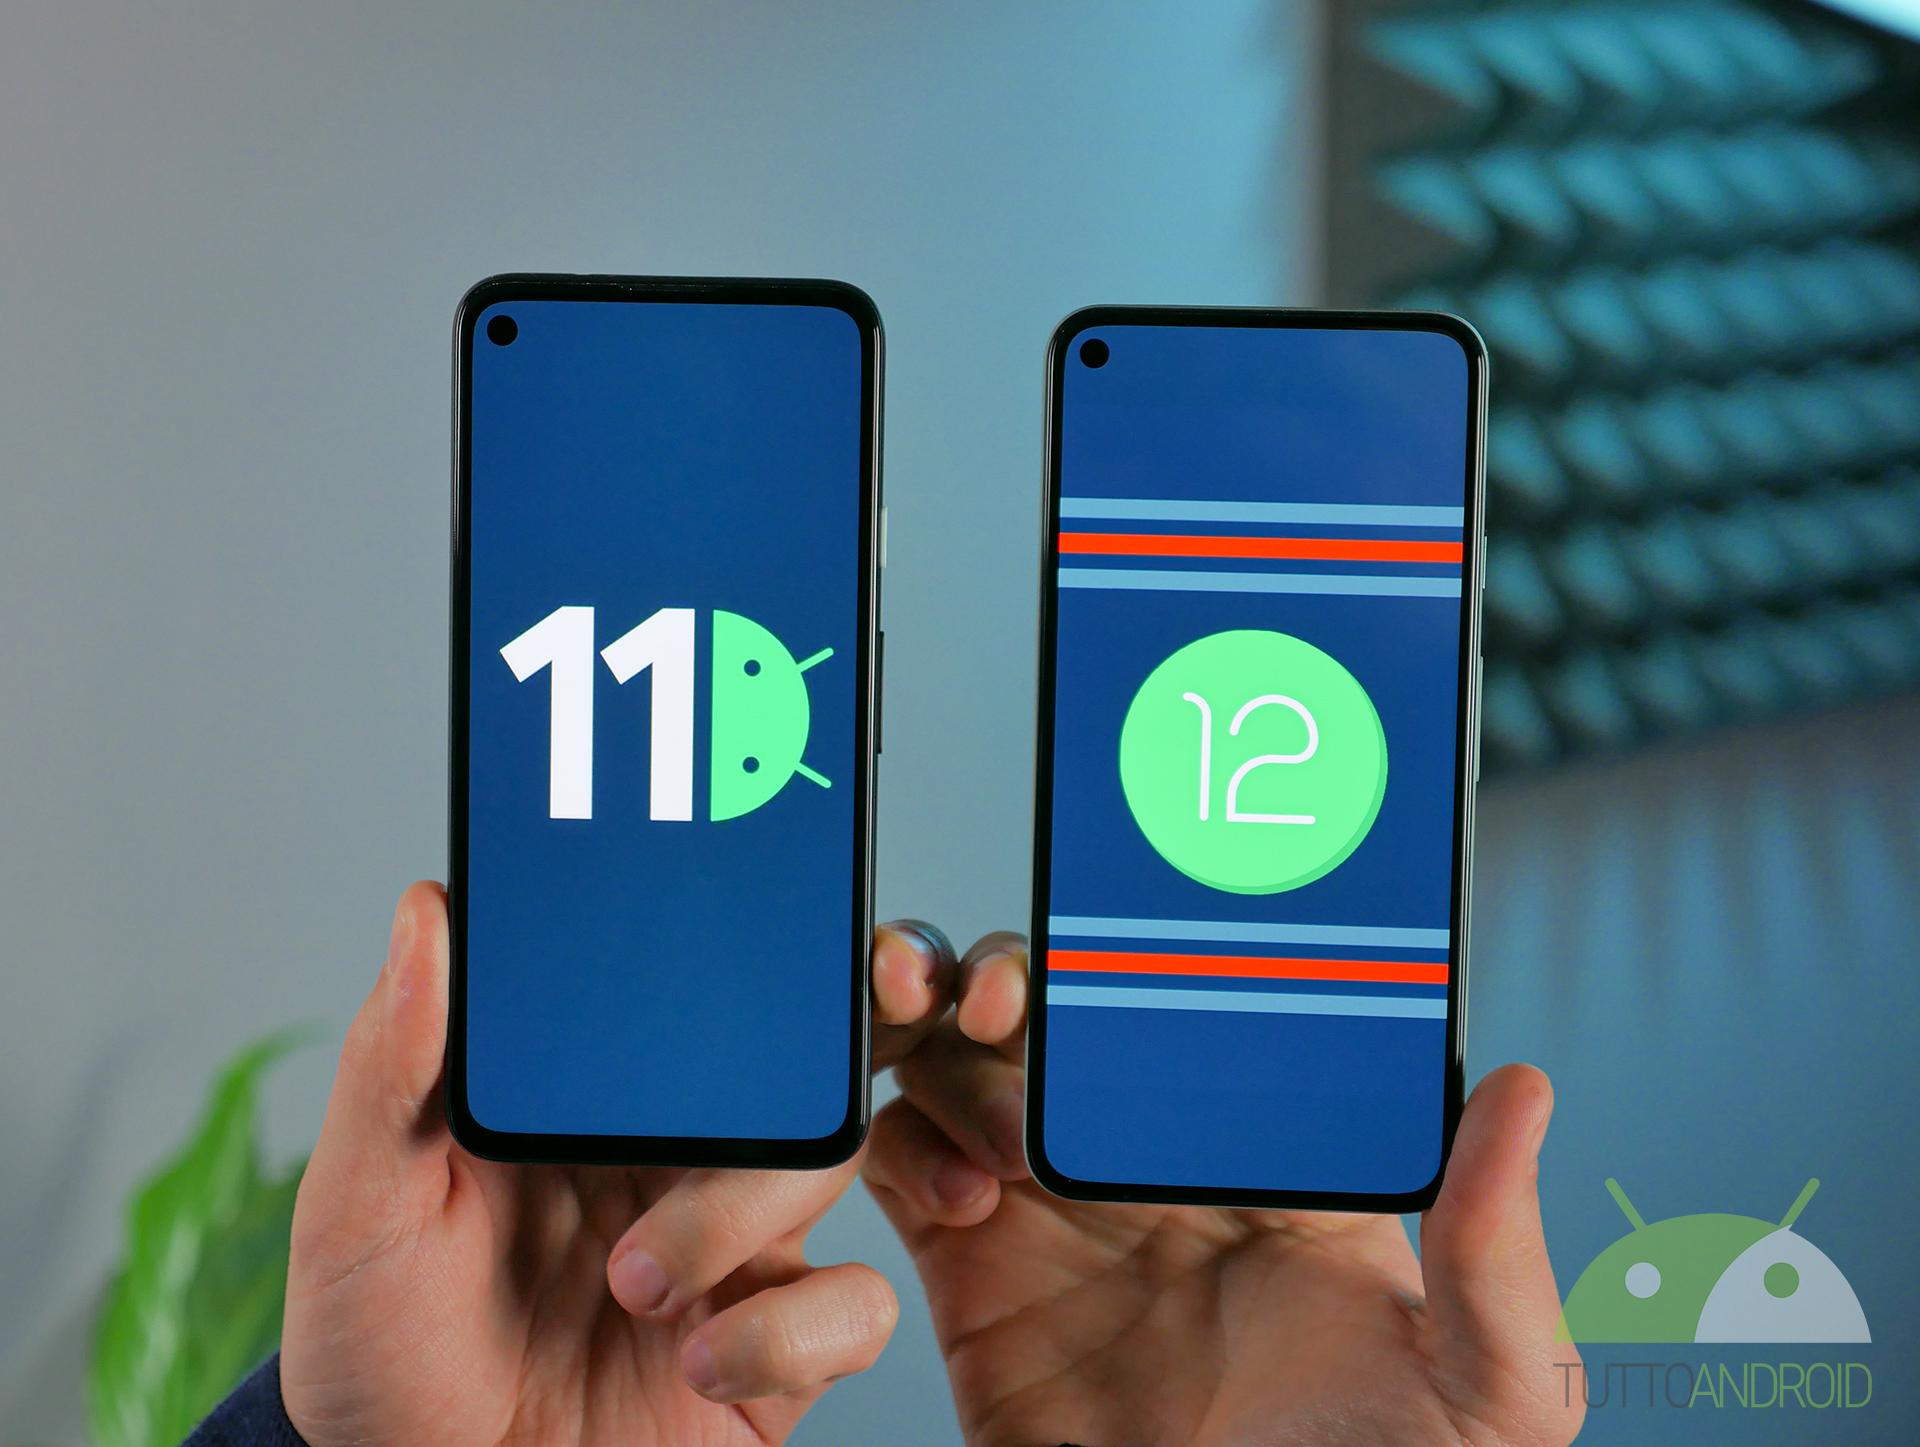 Le novità grafiche e funzionali di Android 12 contro Android 11